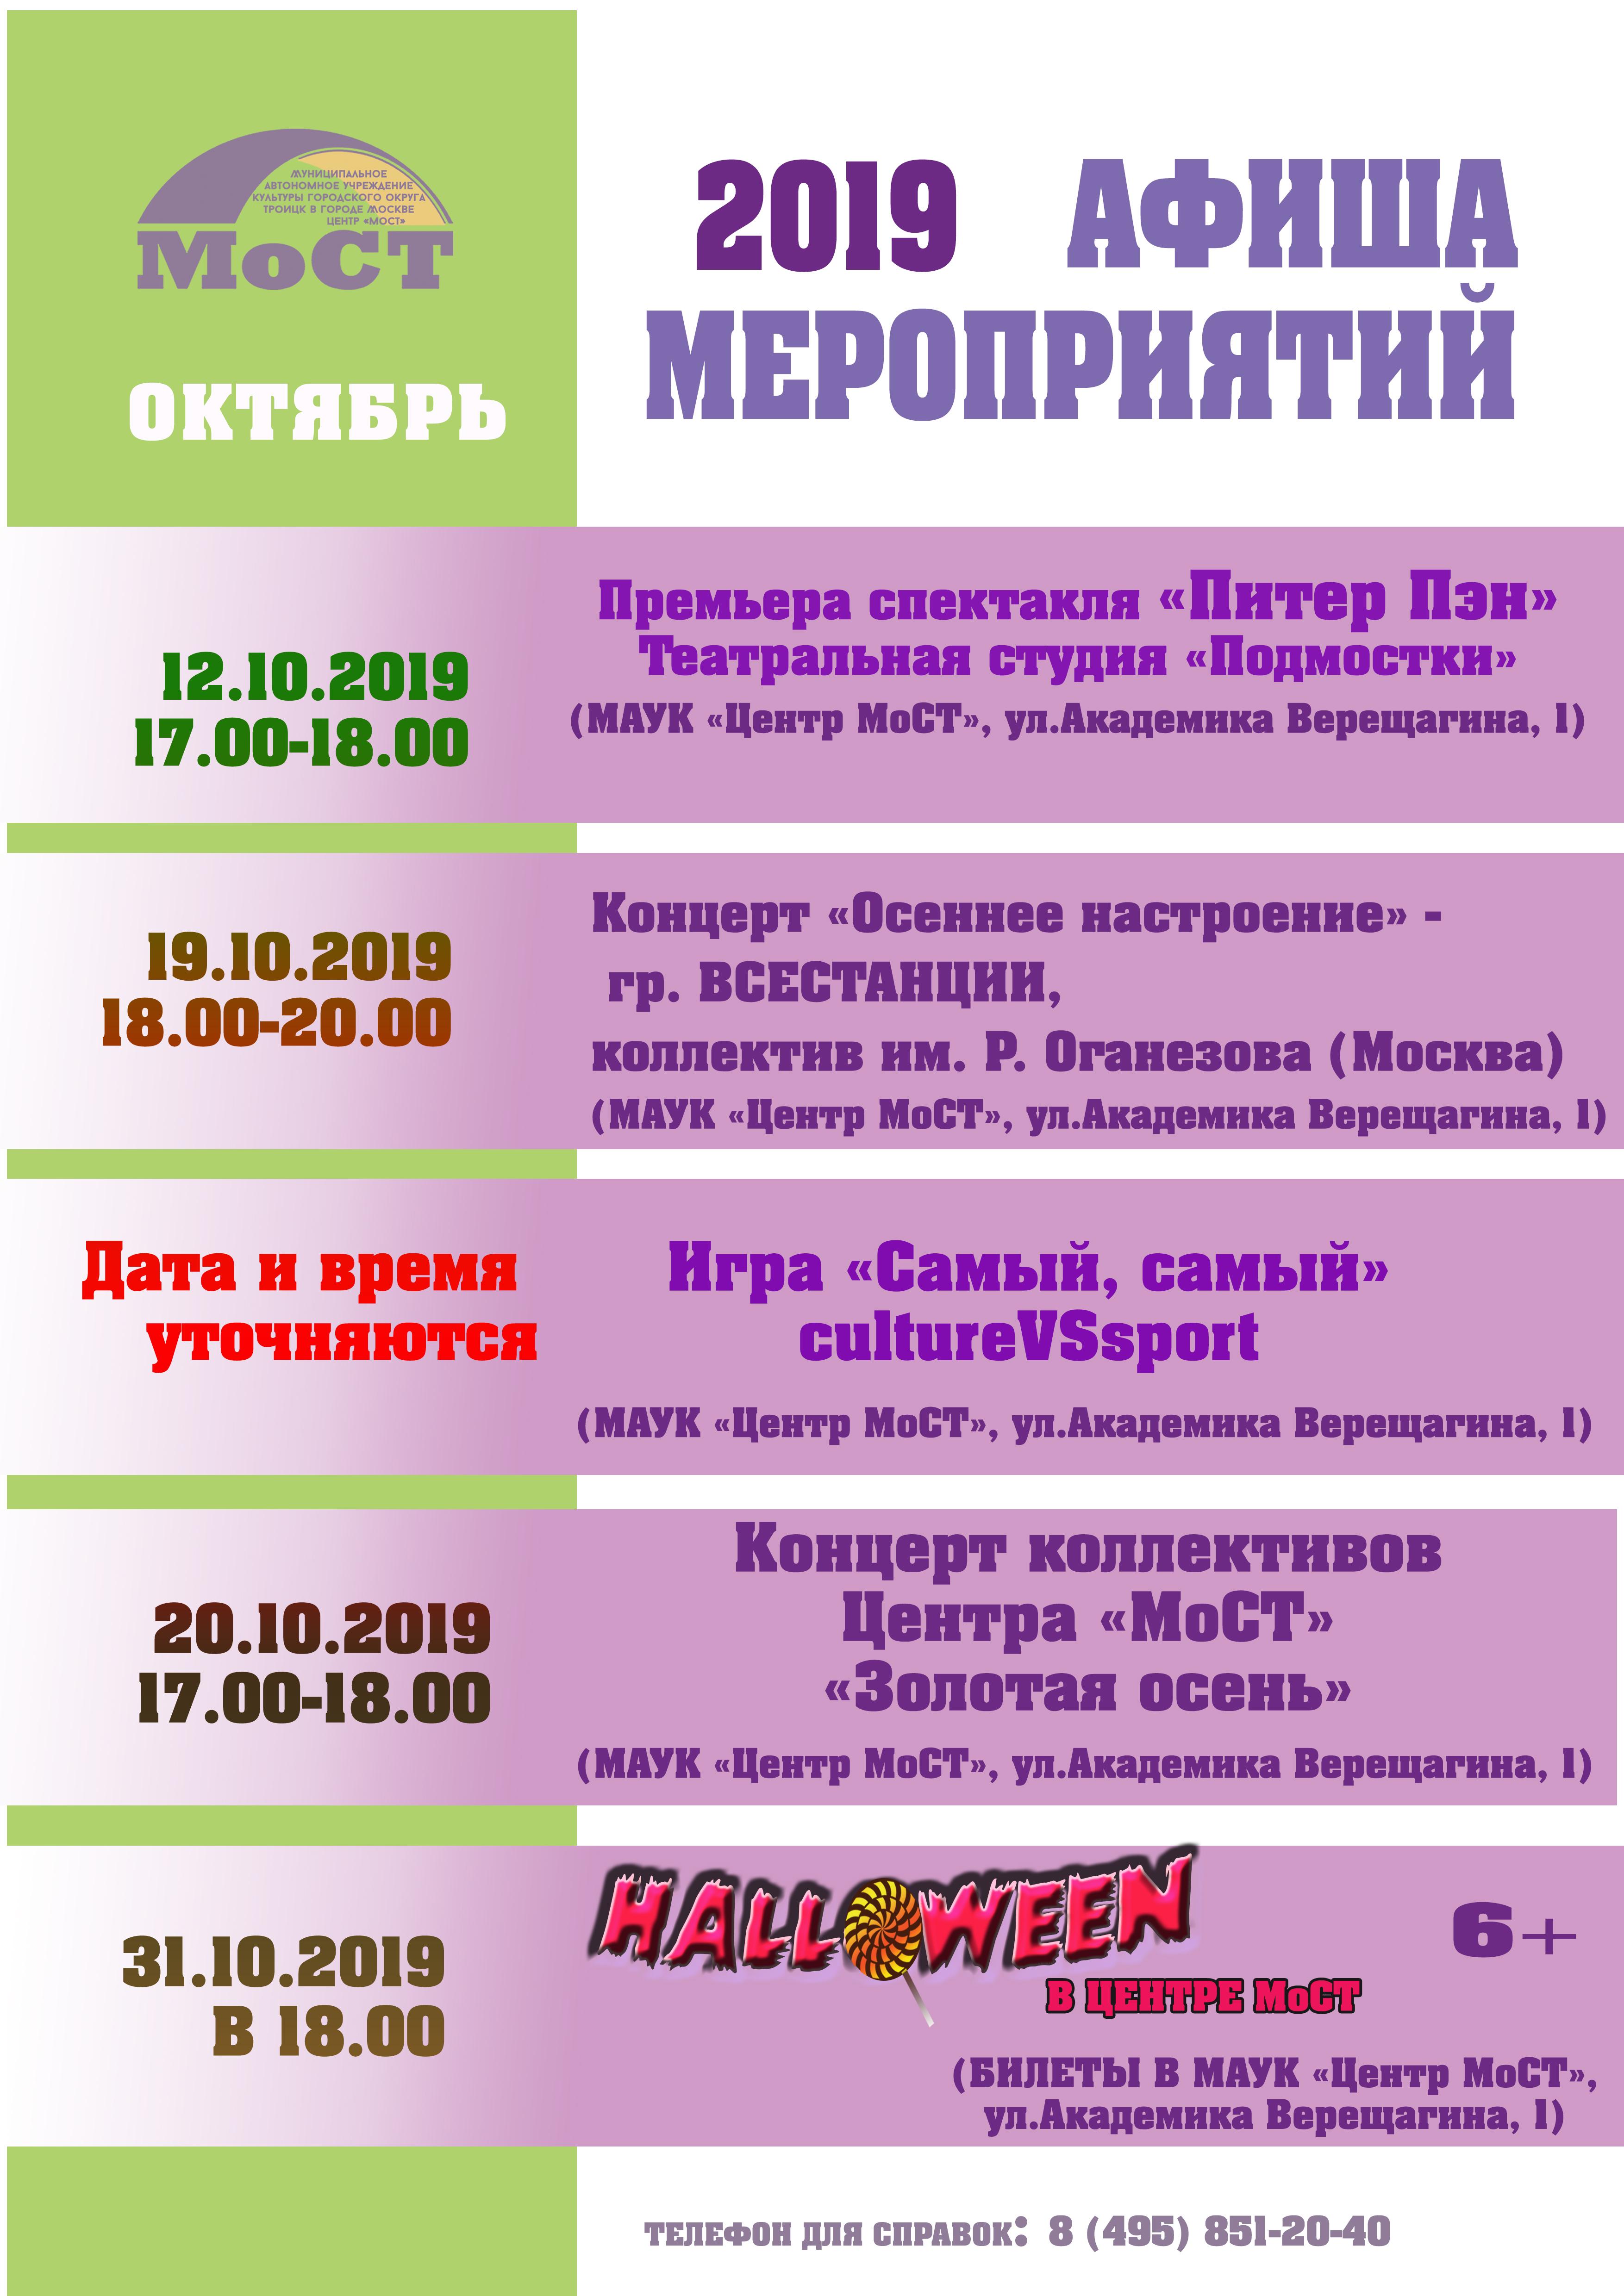 АФИША МОСТ март (1)